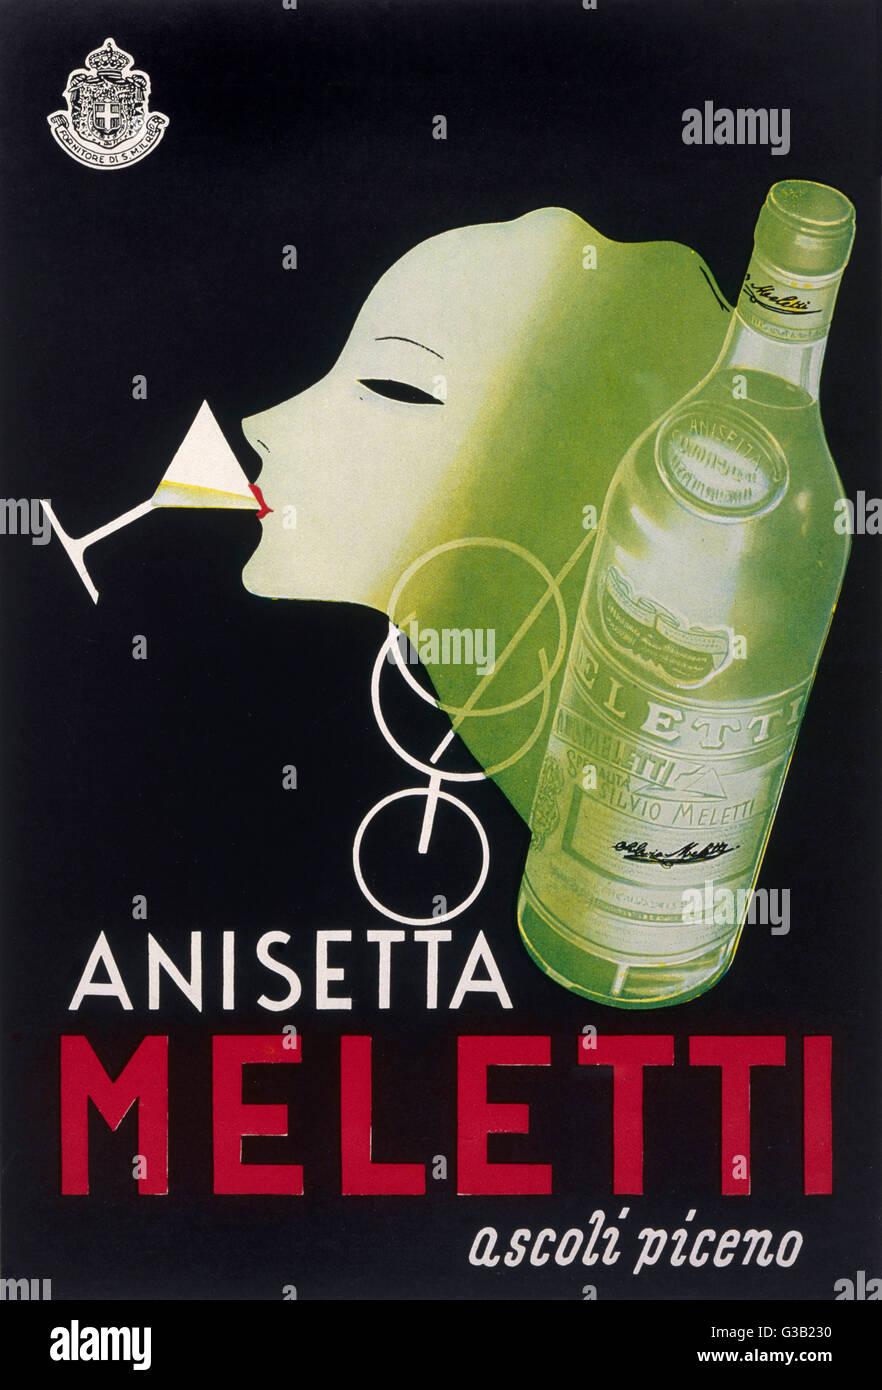 Anisetta Meletti data: 1940 Immagini Stock